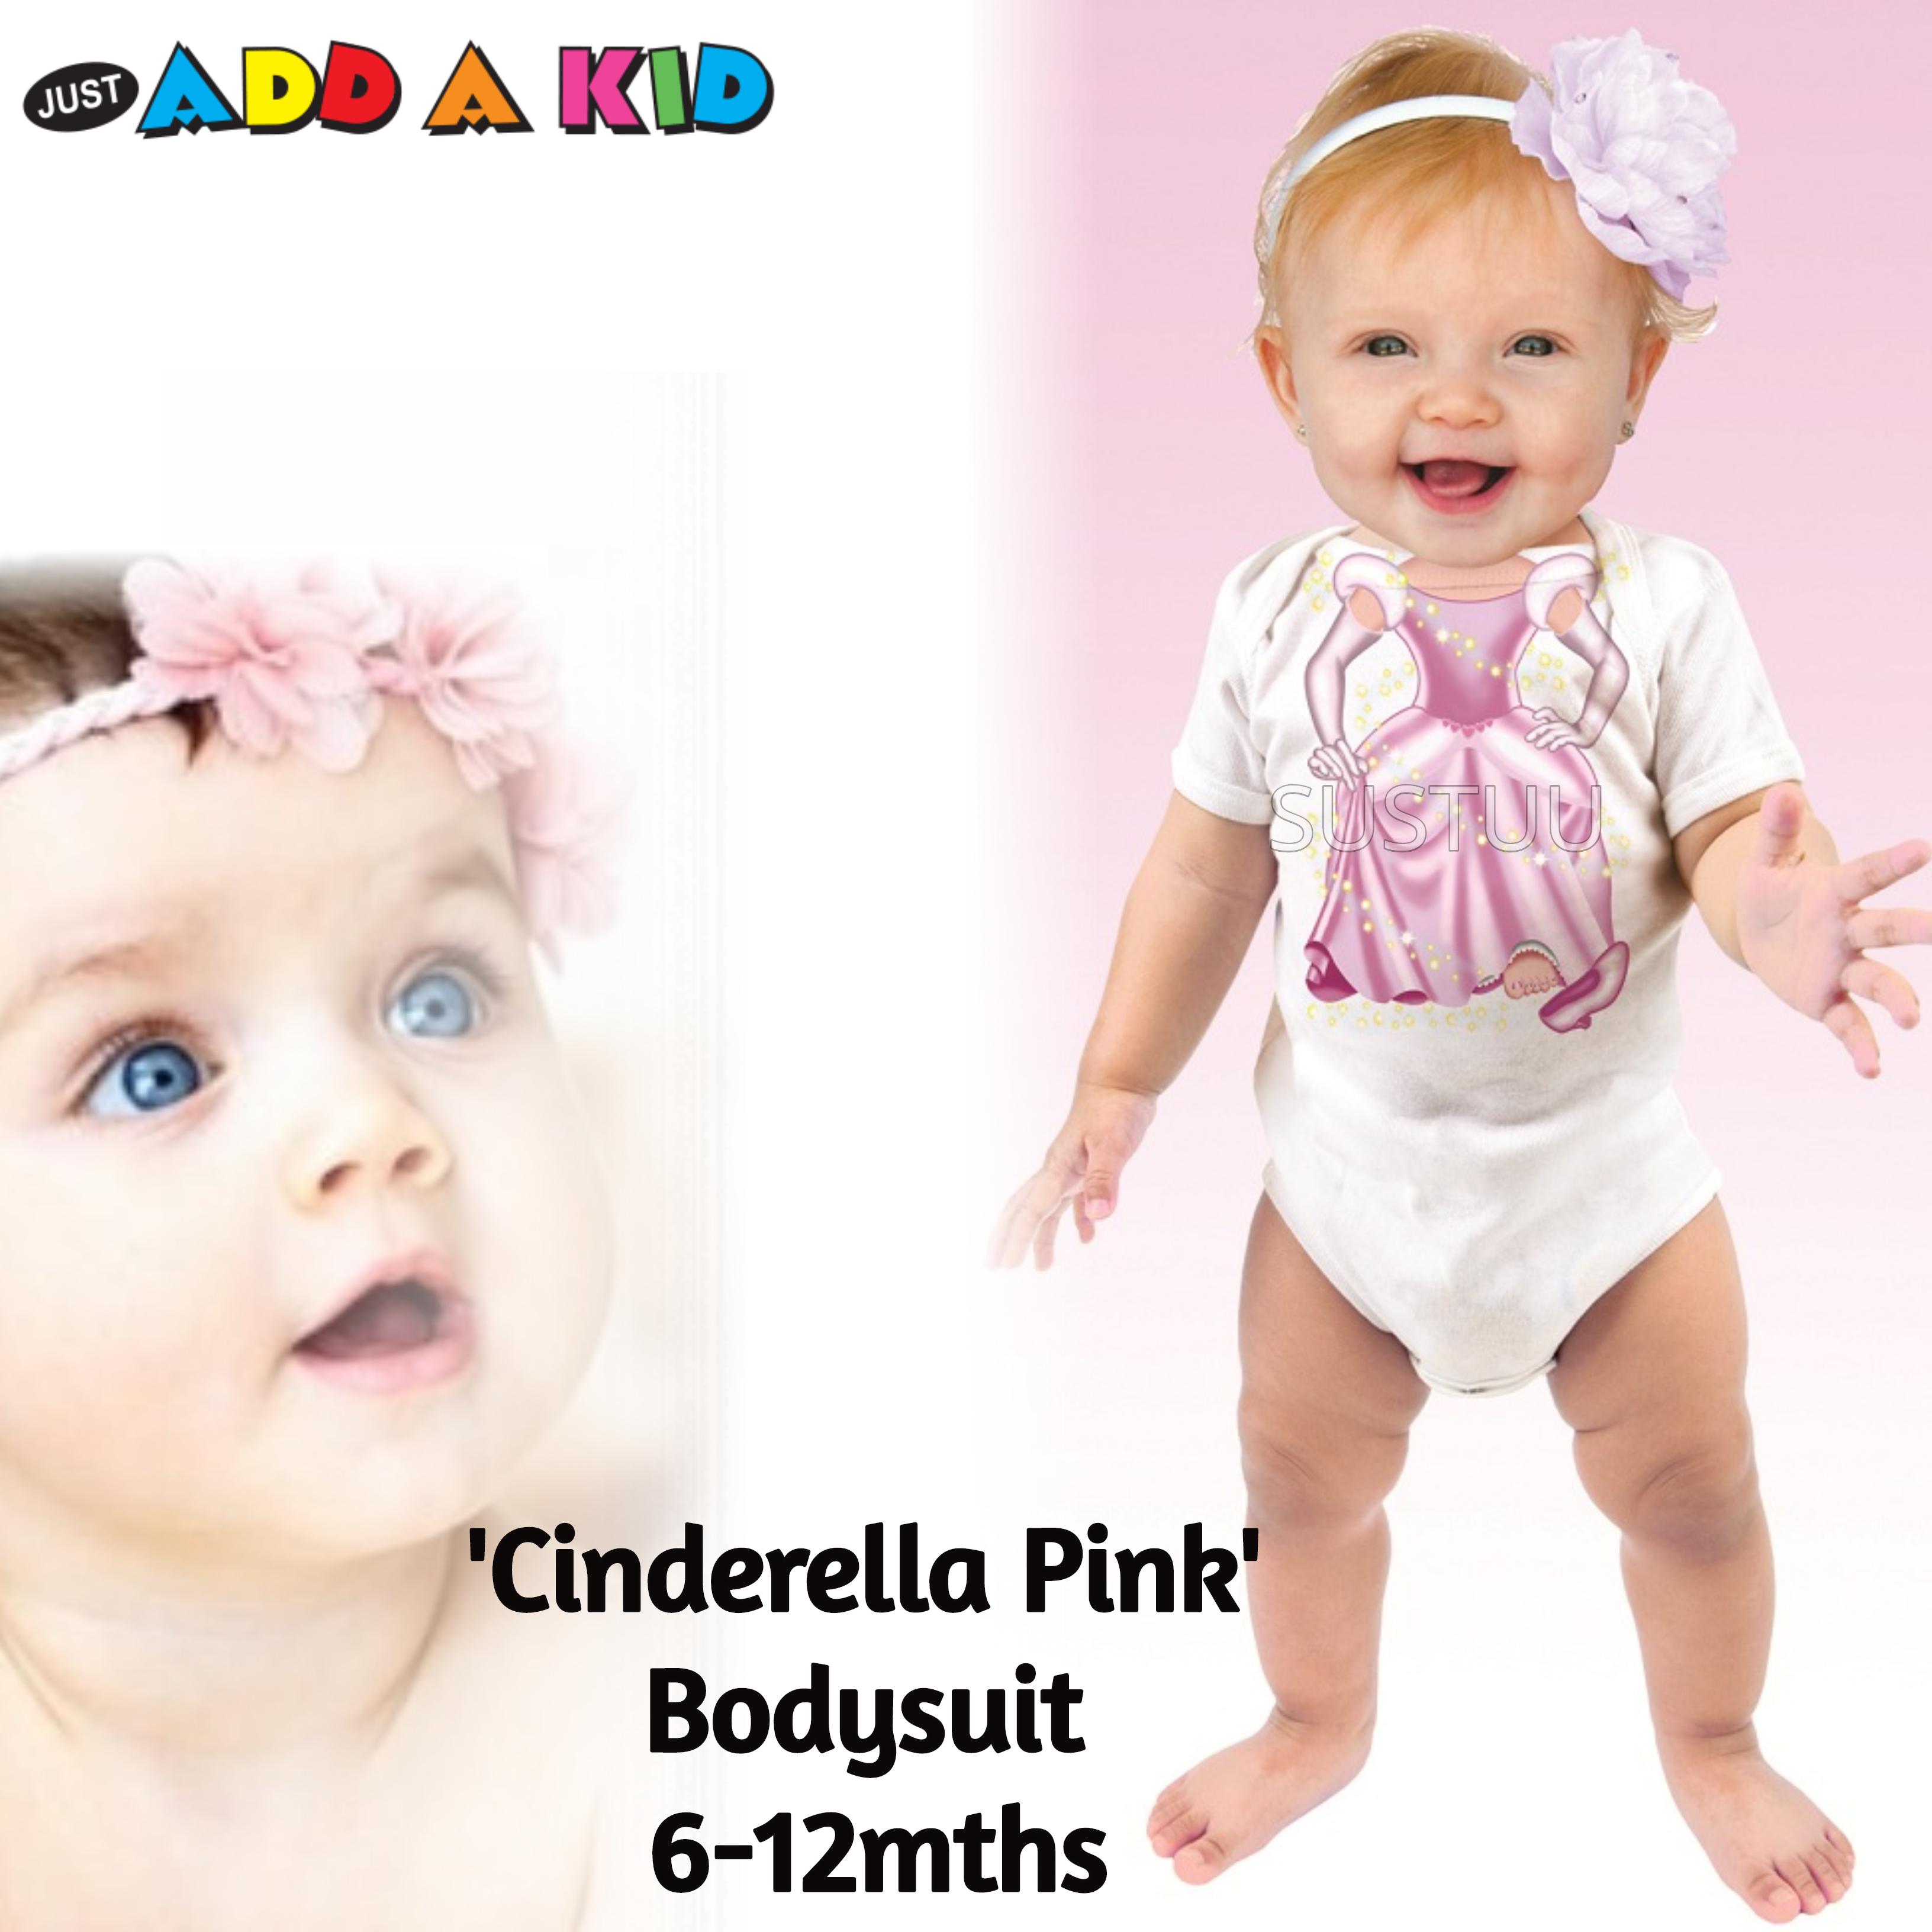 Just Add a Kid 'Cinderella Pink' Baby Short Sleeve Bodysuit | 100% Cotton | 6-12 Month